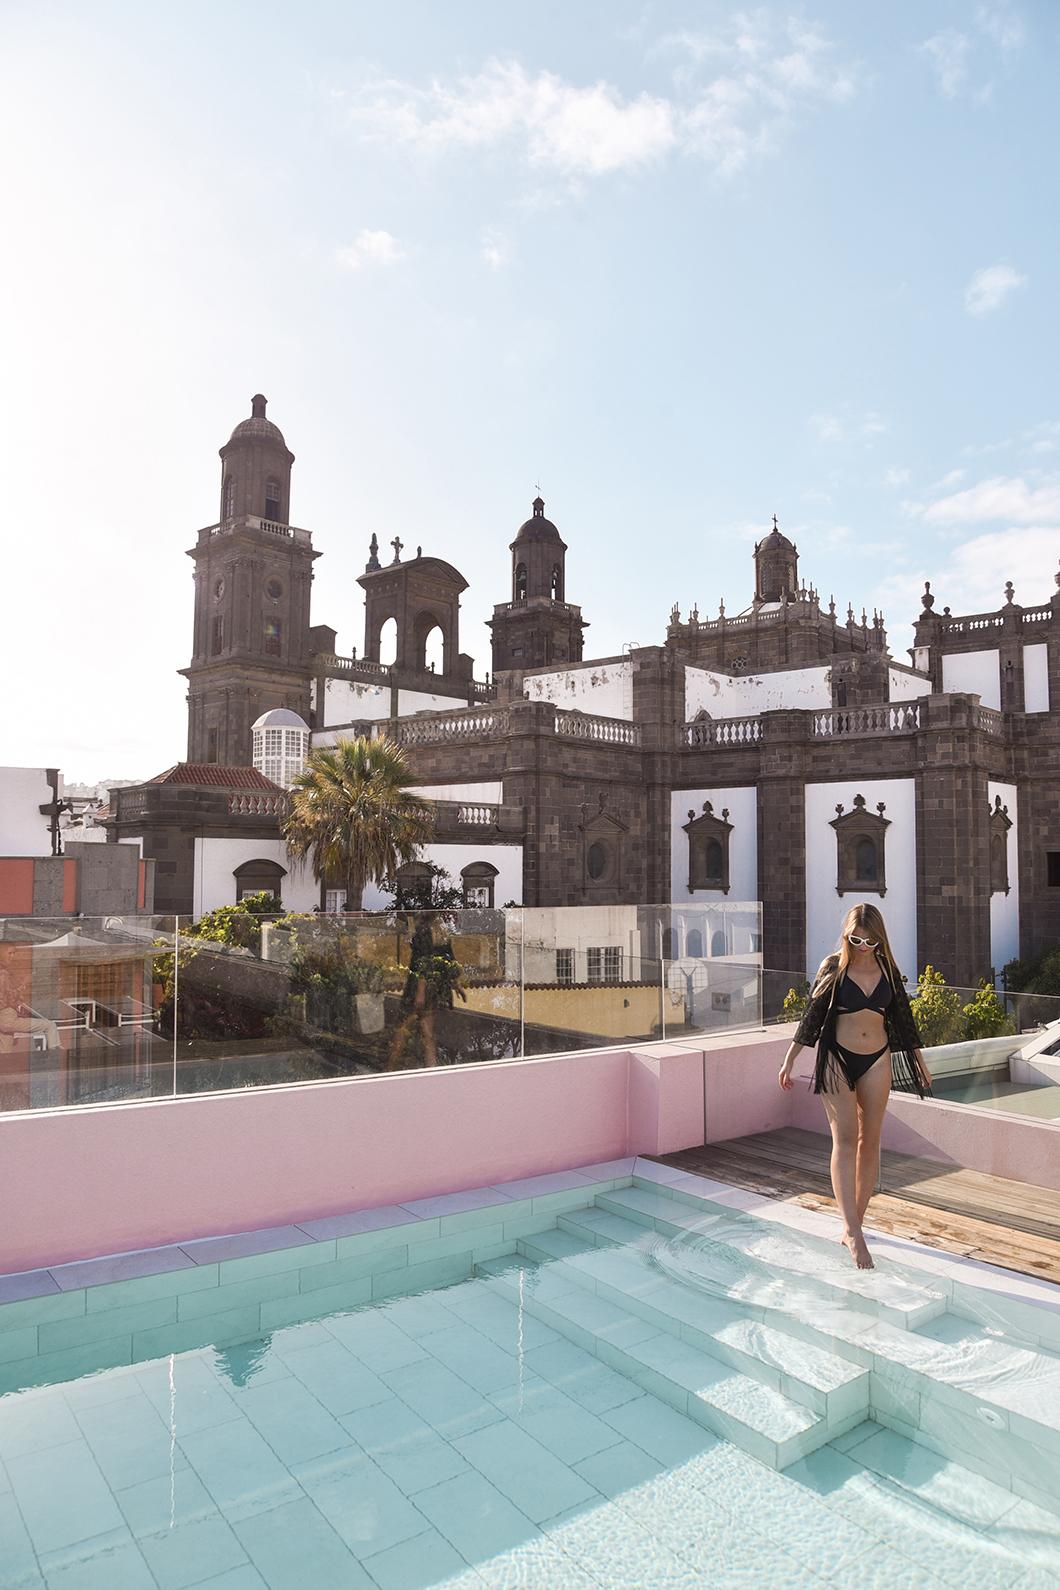 Piscine de l'hotel Veintiuno avec vue sur la cathédrale de Las Palmas de Gran Canaria